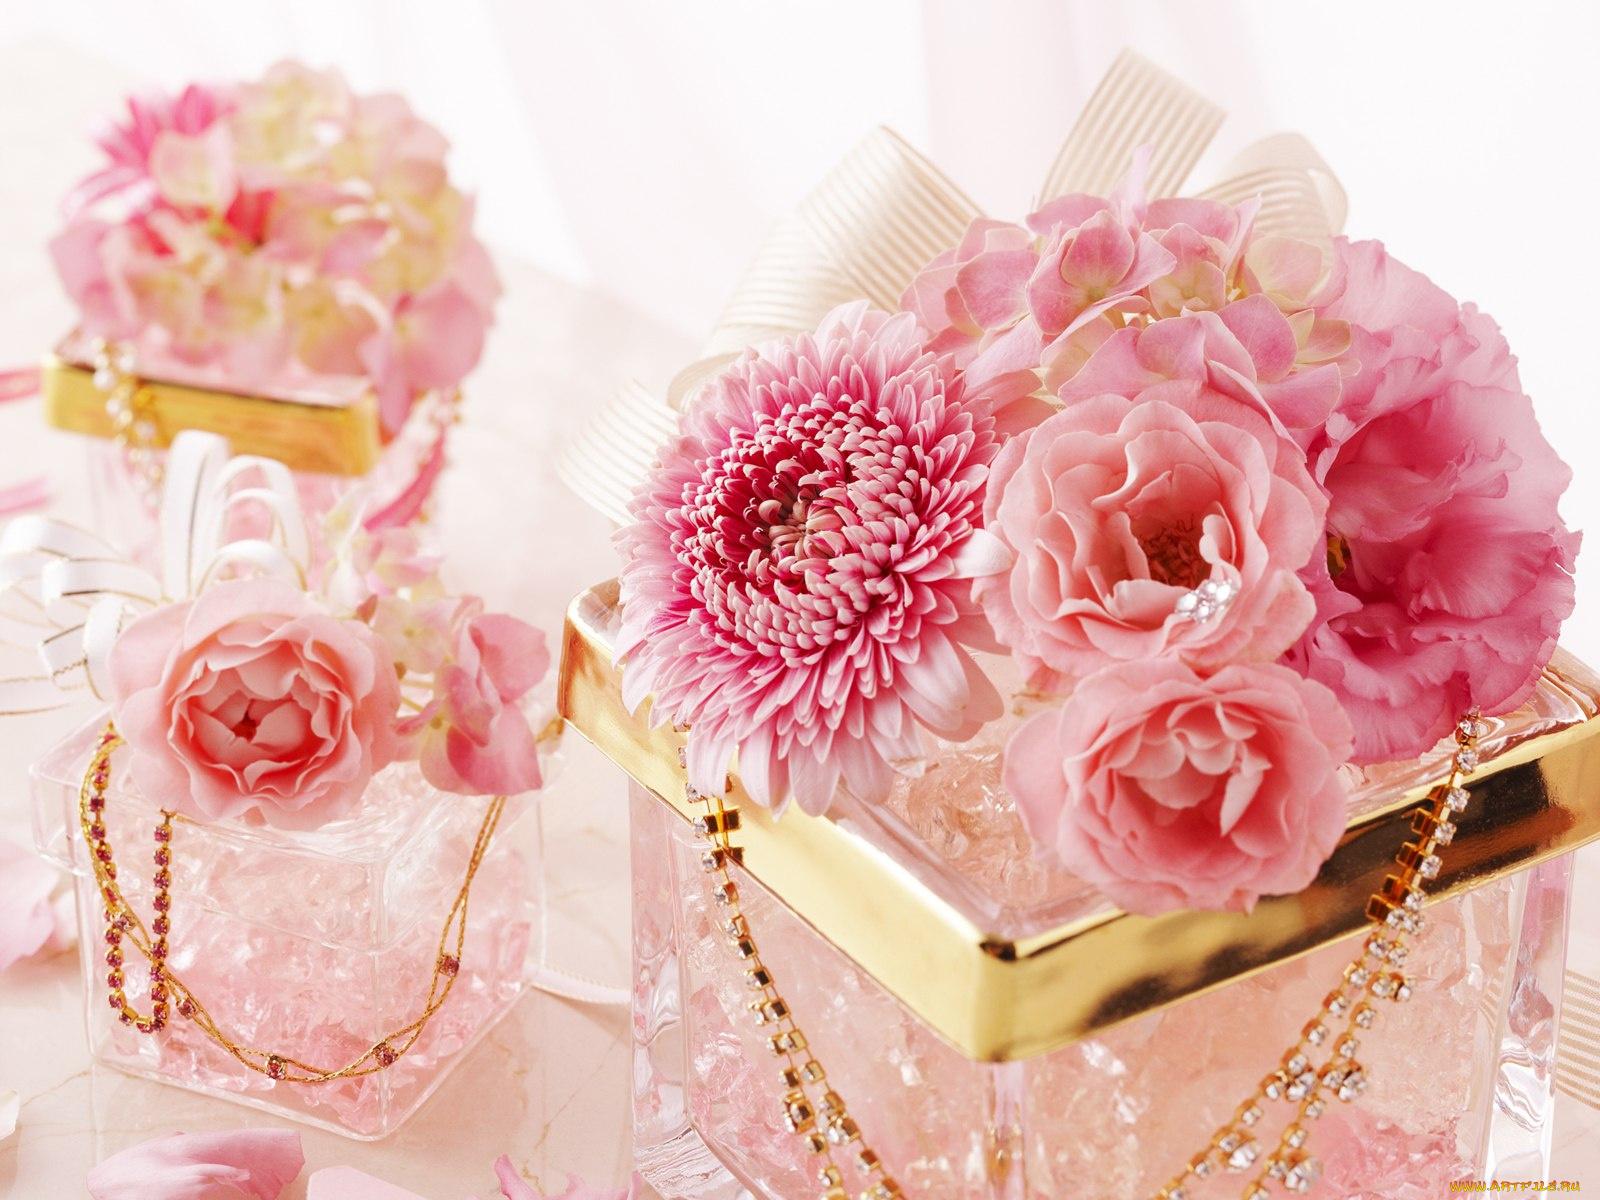 Нежный поцелуи букет цветов с днем рождения